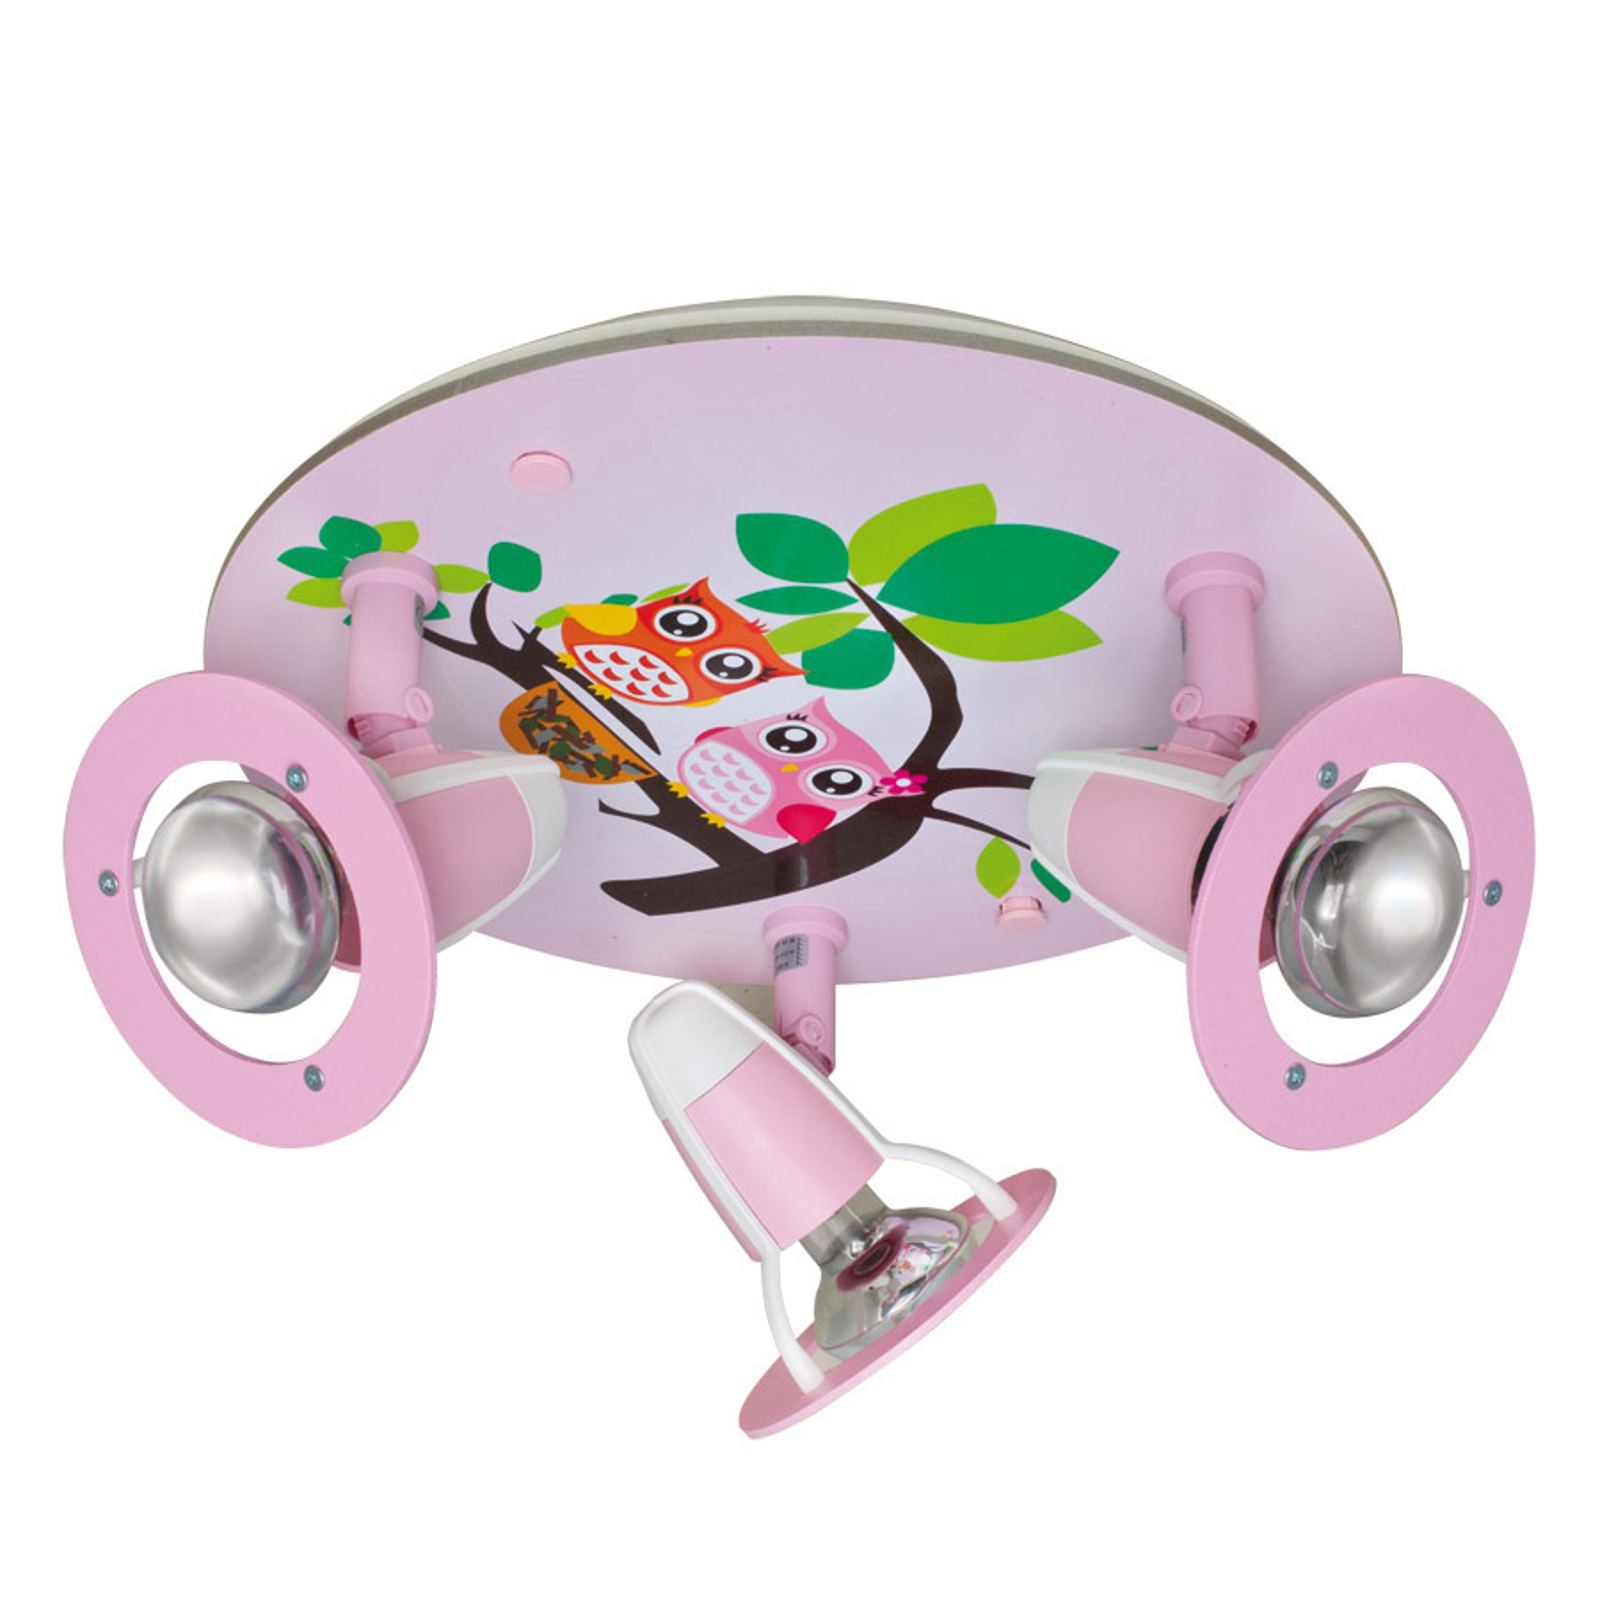 Taklampa Uggla för barnrummet, rosa